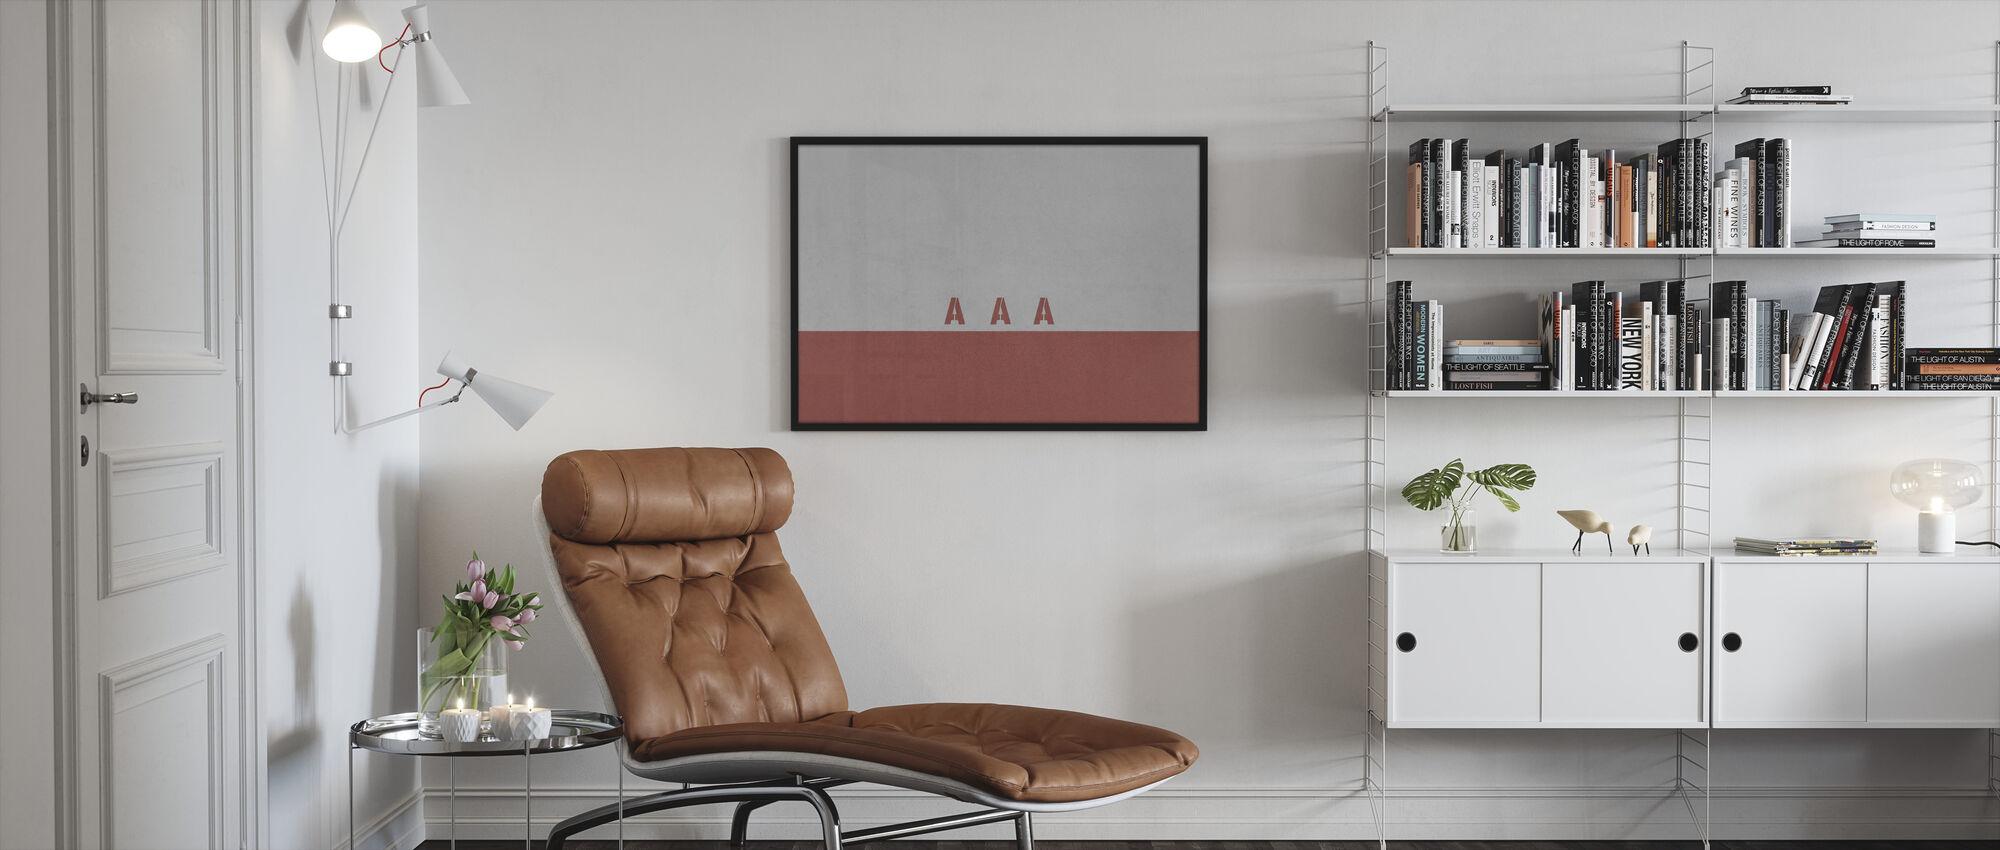 AAA Wall - Framed print - Living Room